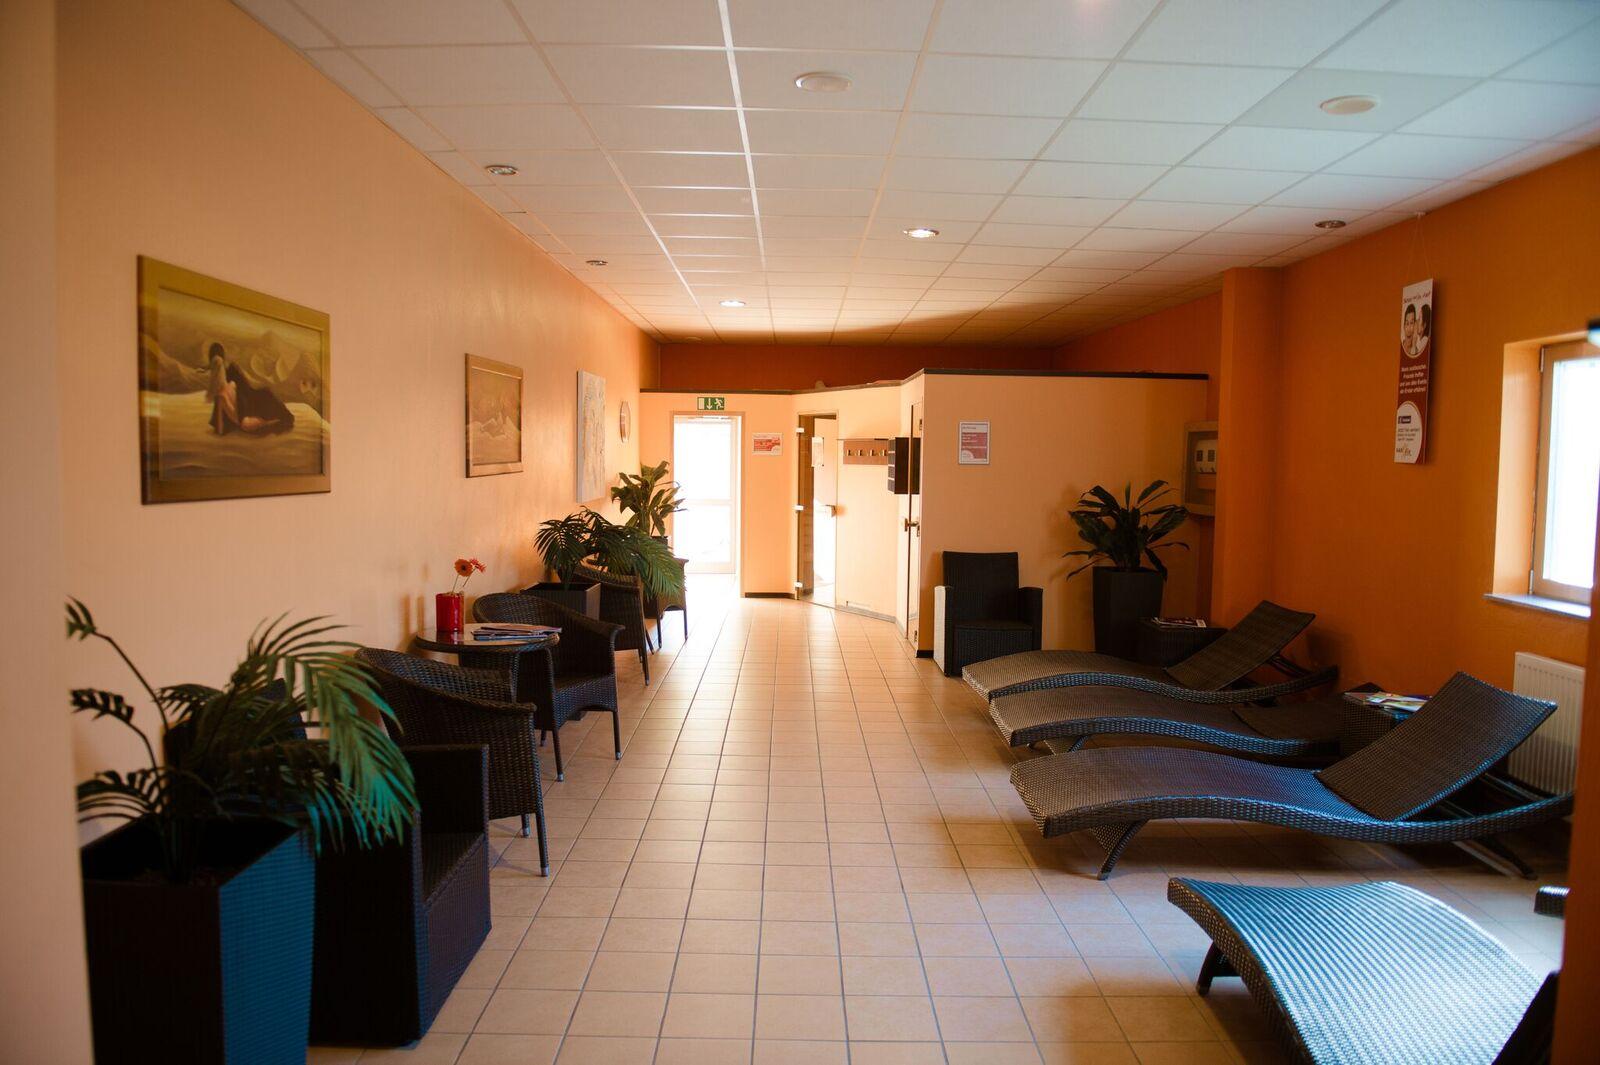 Bad Nauheim - San-Fit Fitnessstudio